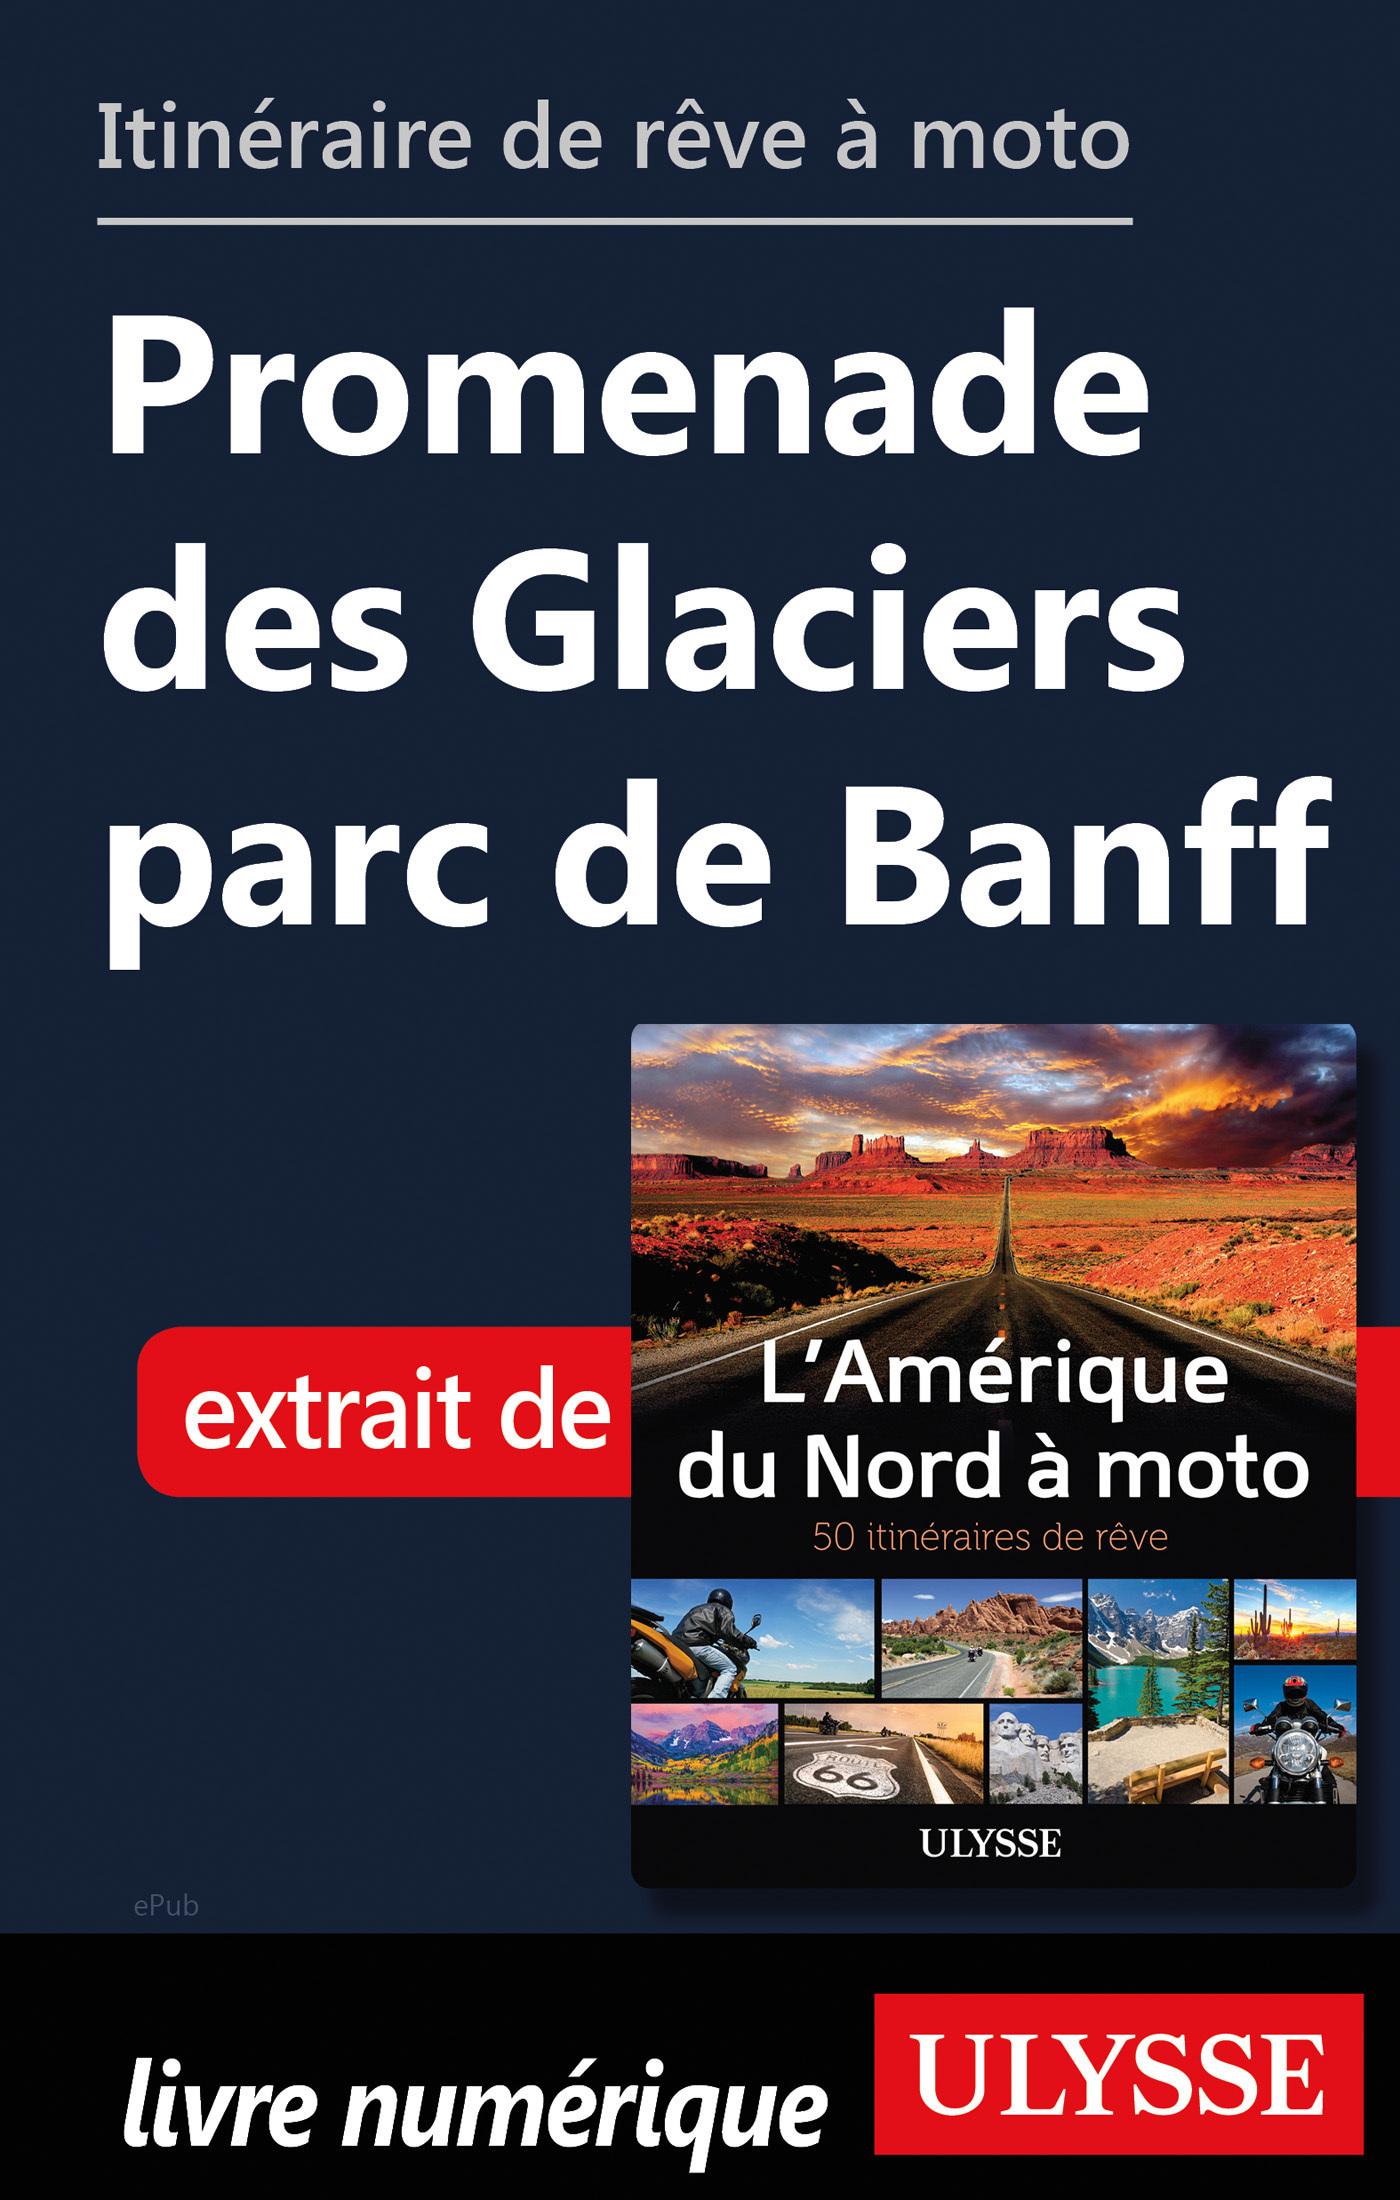 Itinéraire de rêve à moto - Promenade des Glaciers parc de Banff